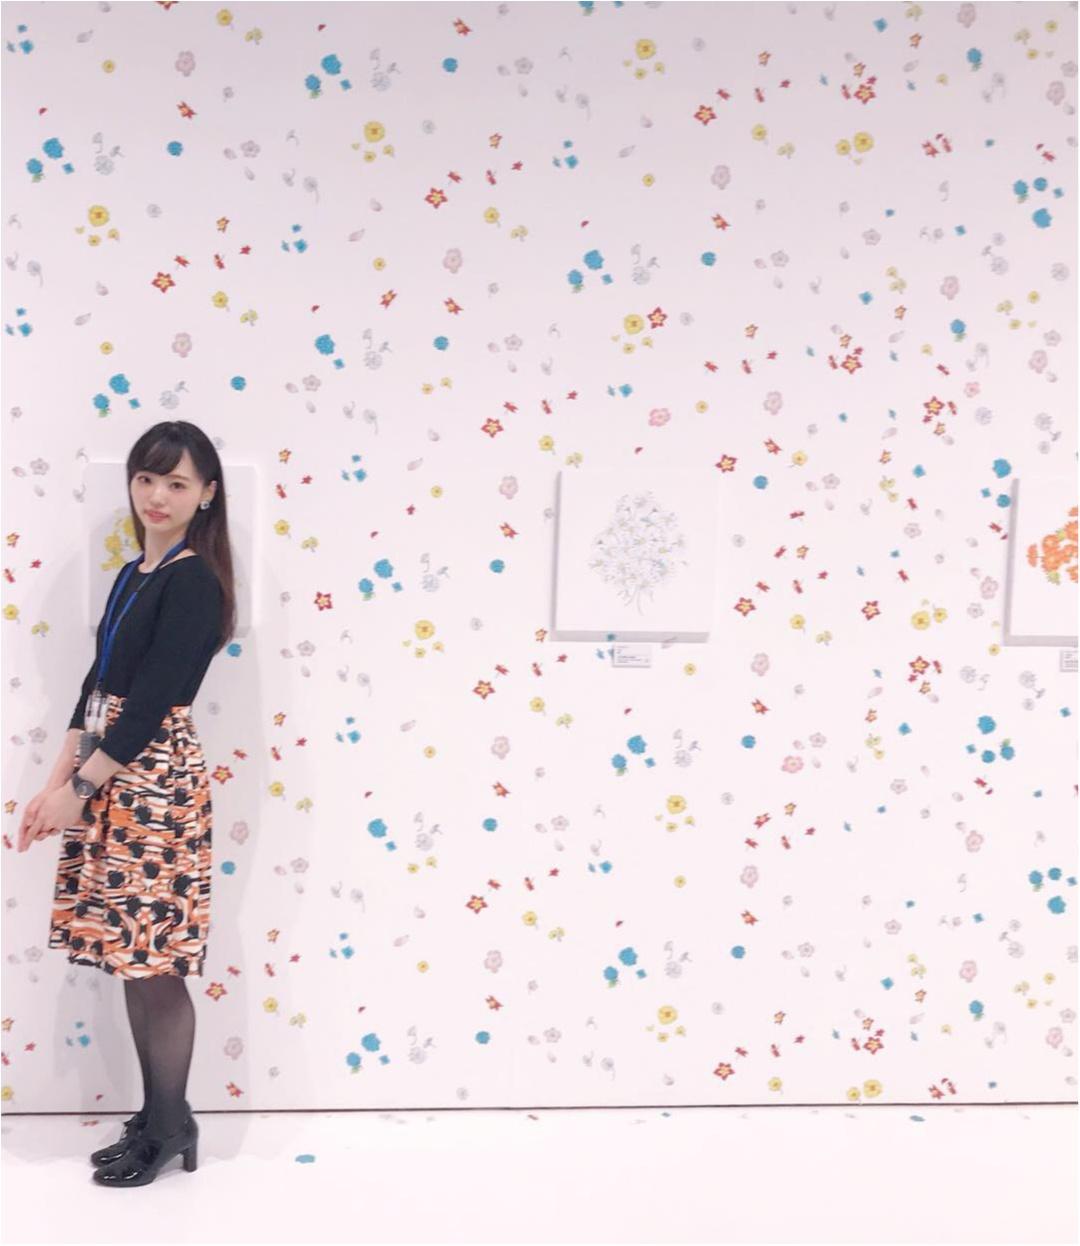 【六本木】カードキャプターさくら展【森アーツセンターギャラリー】_2